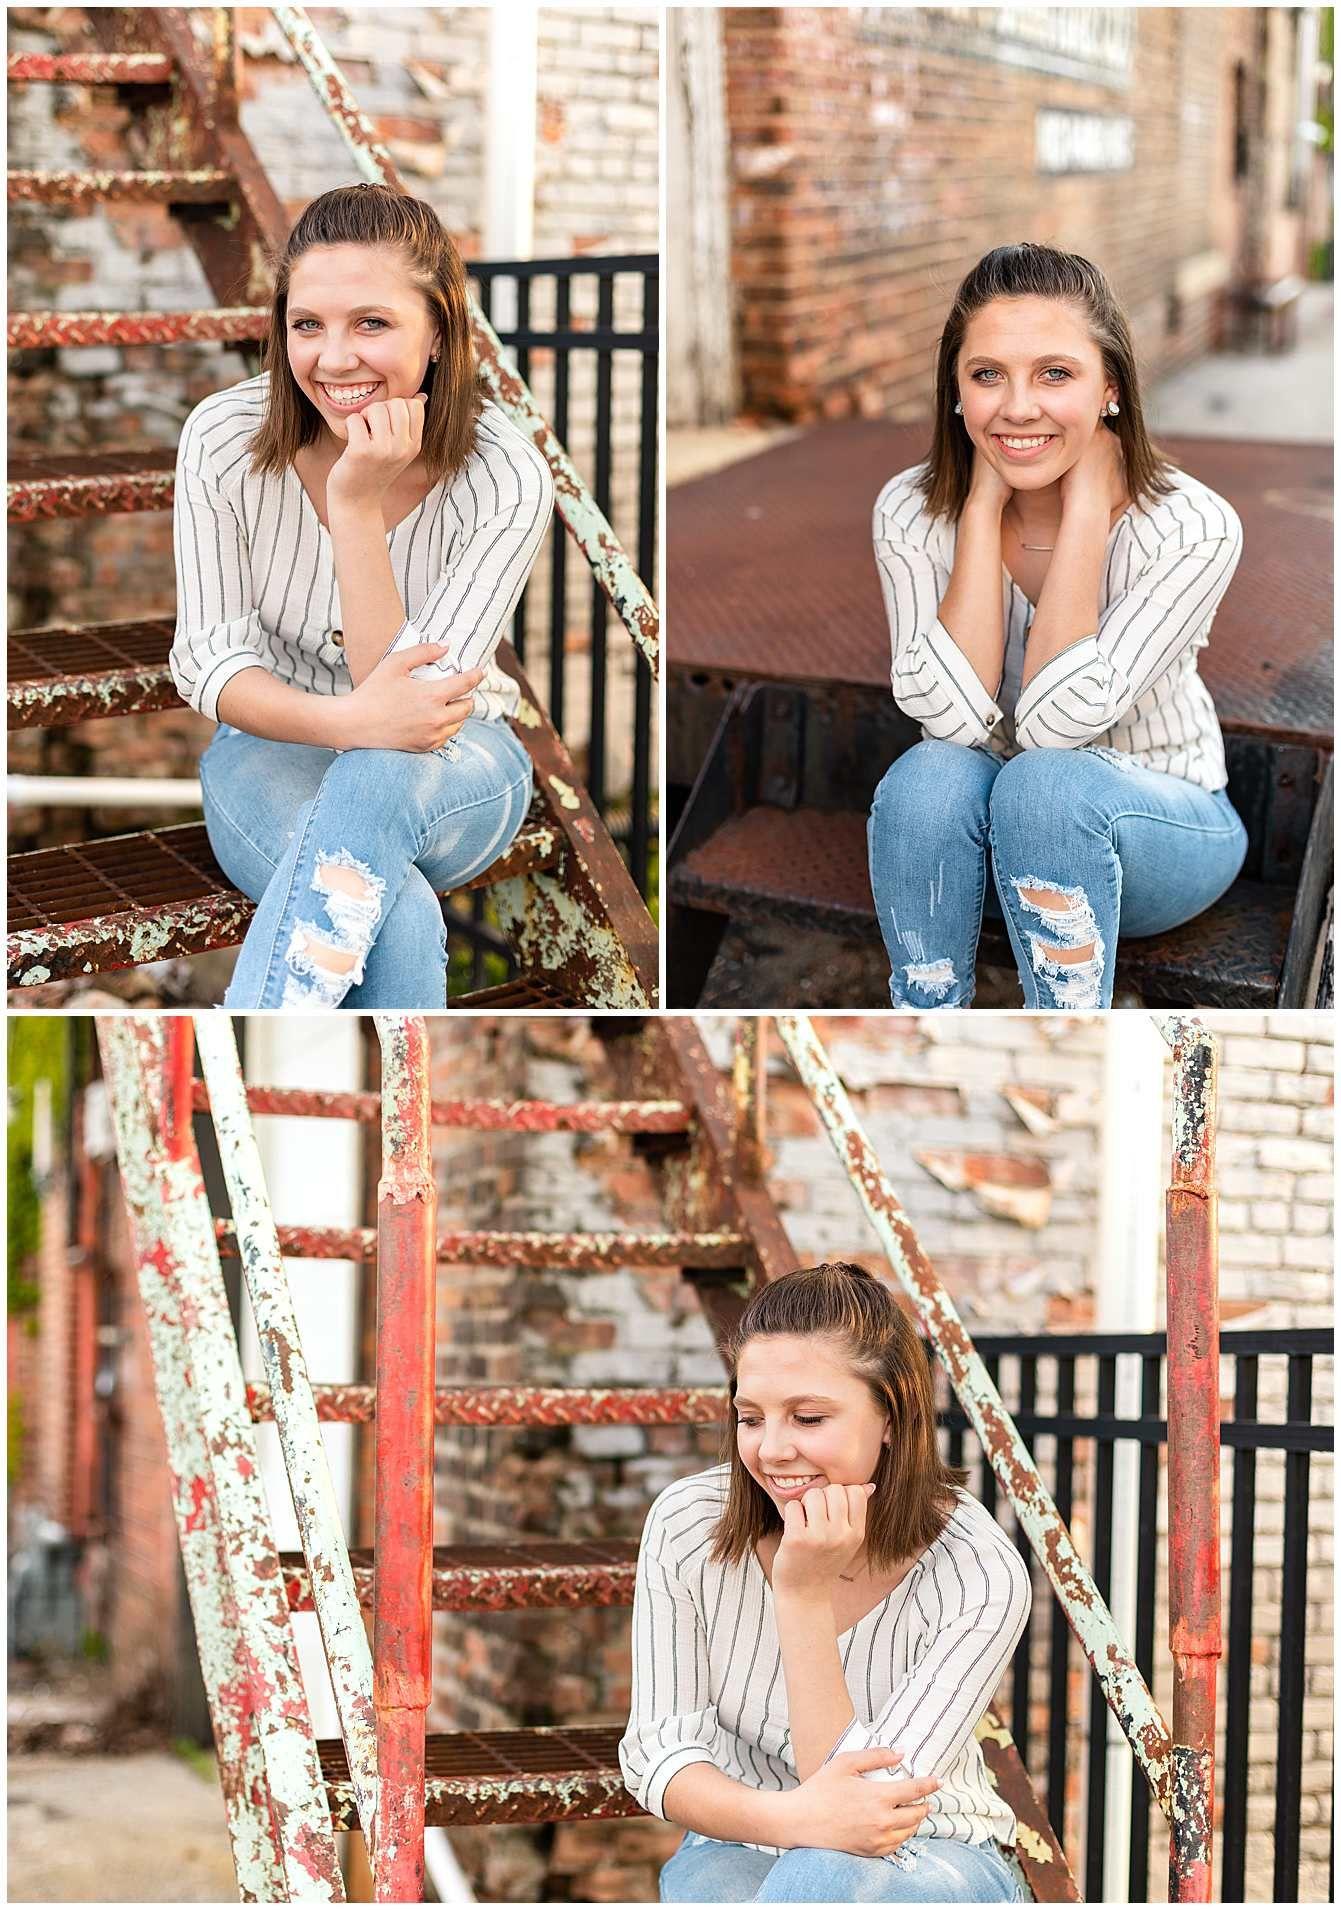 downtown kankakee senior photos senior pictures downtown senior photos girls senior photo poses downtown kankakee senior photos